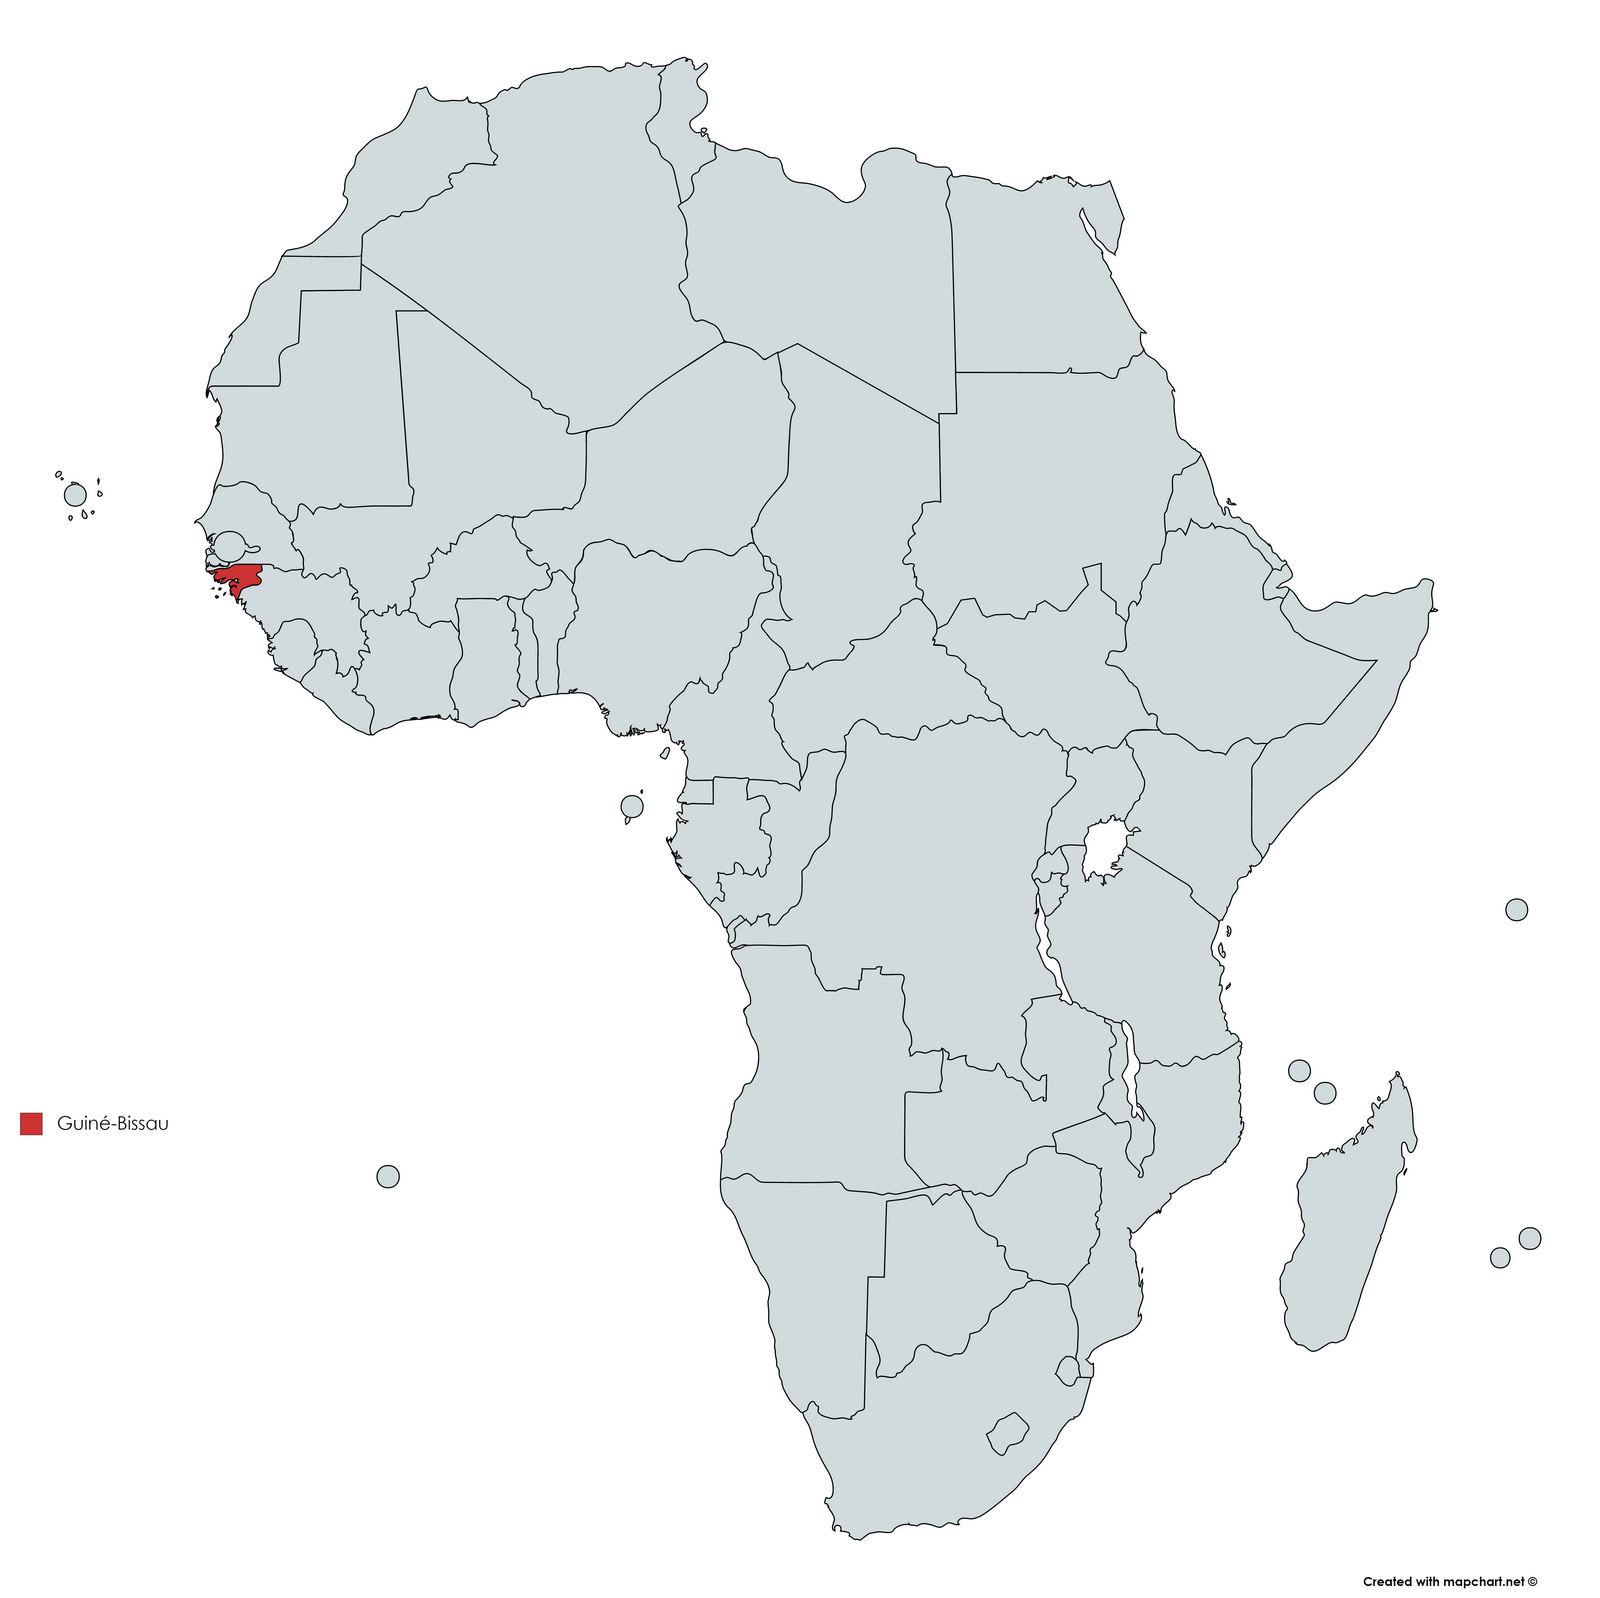 MAPA GUINE BISSAU